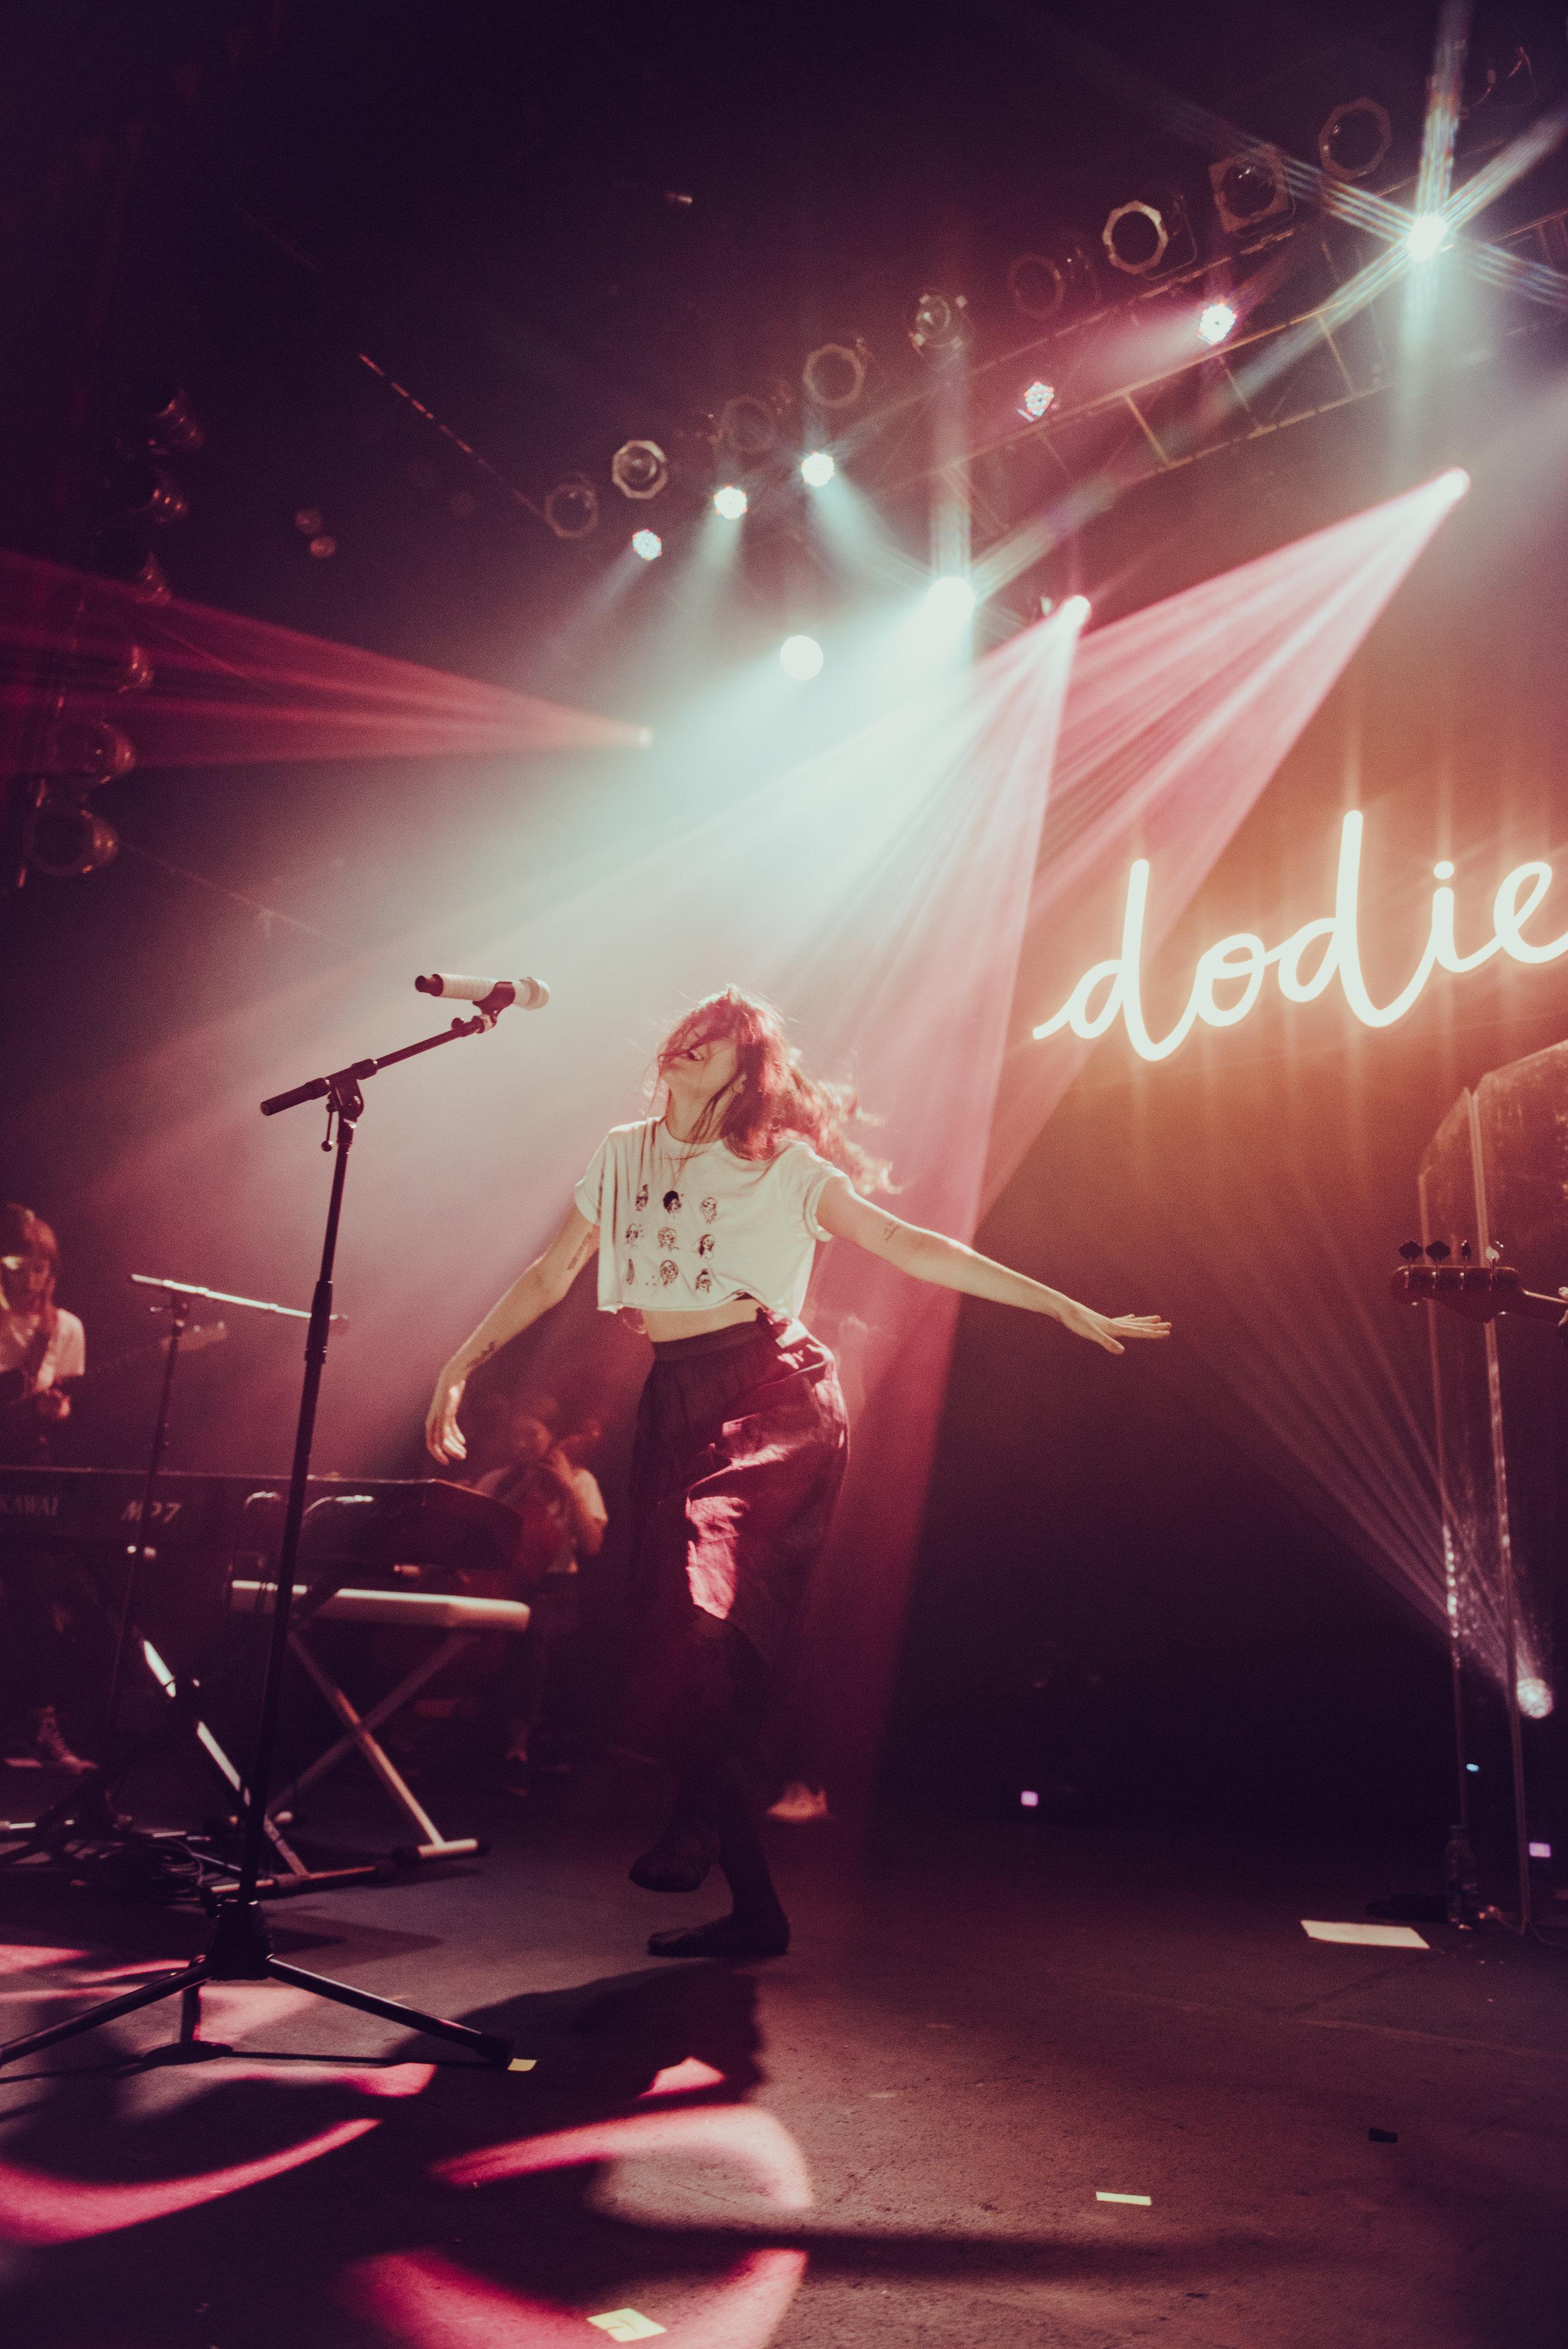 Dodie-11.jpg